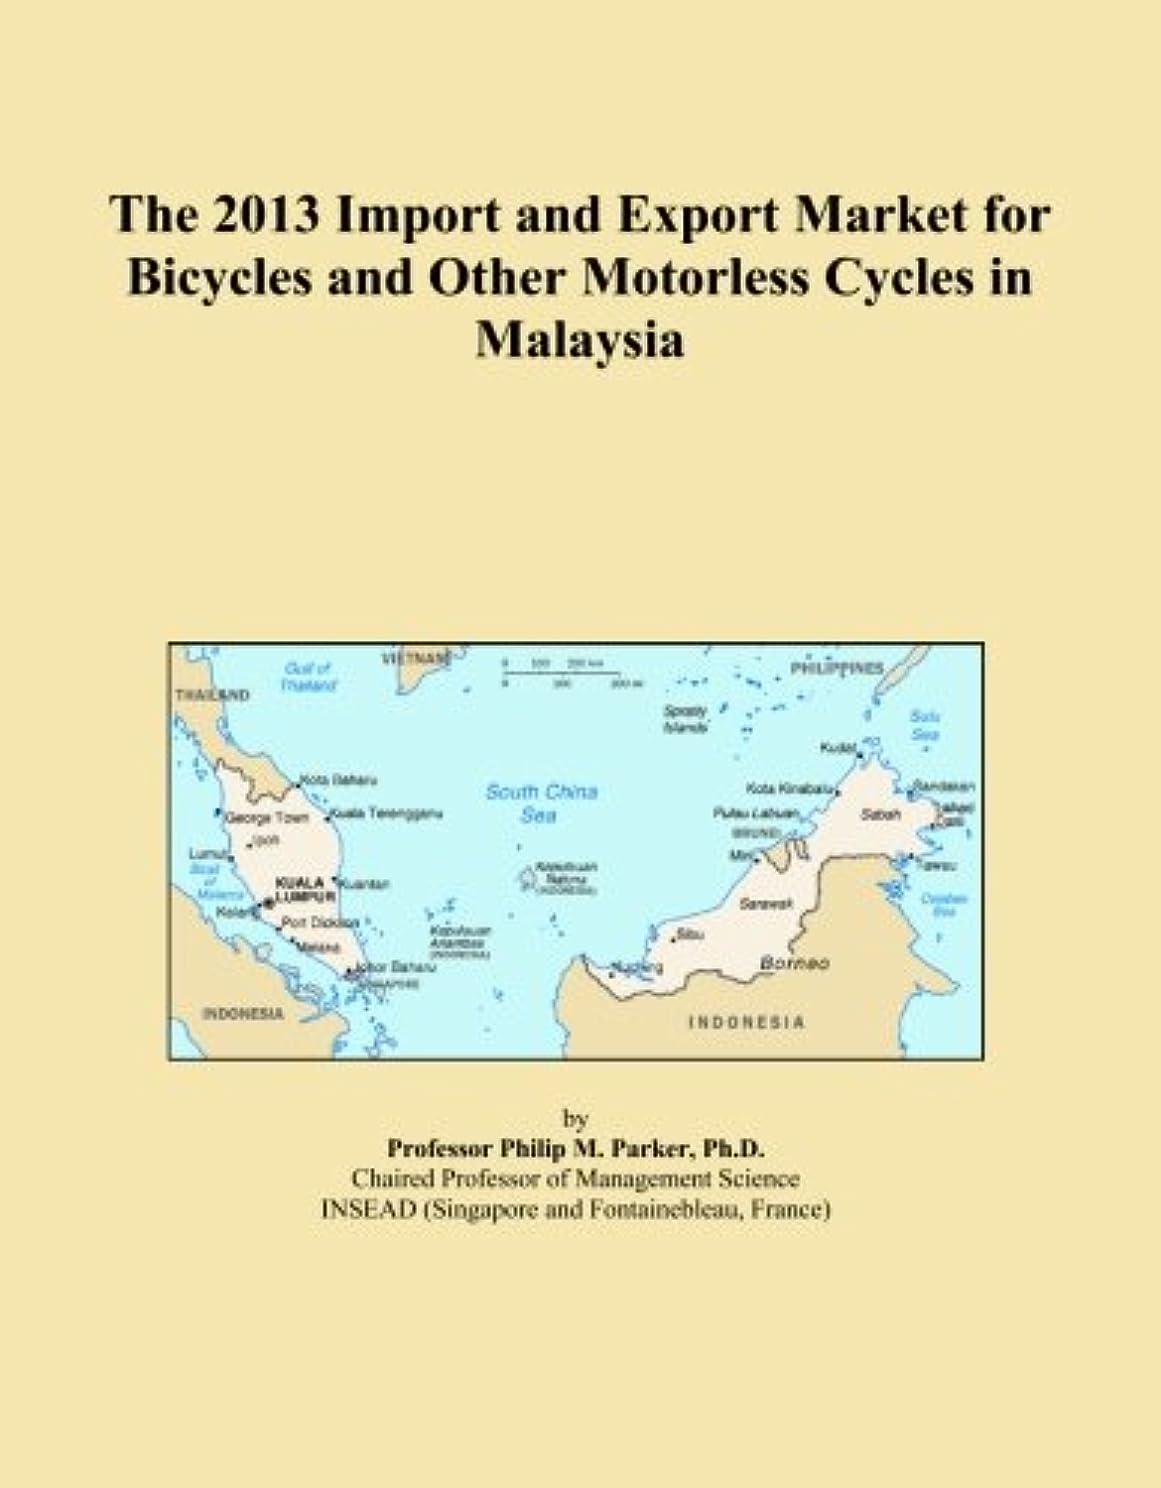 決定する陰気博覧会The 2013 Import and Export Market for Bicycles and Other Motorless Cycles in Malaysia